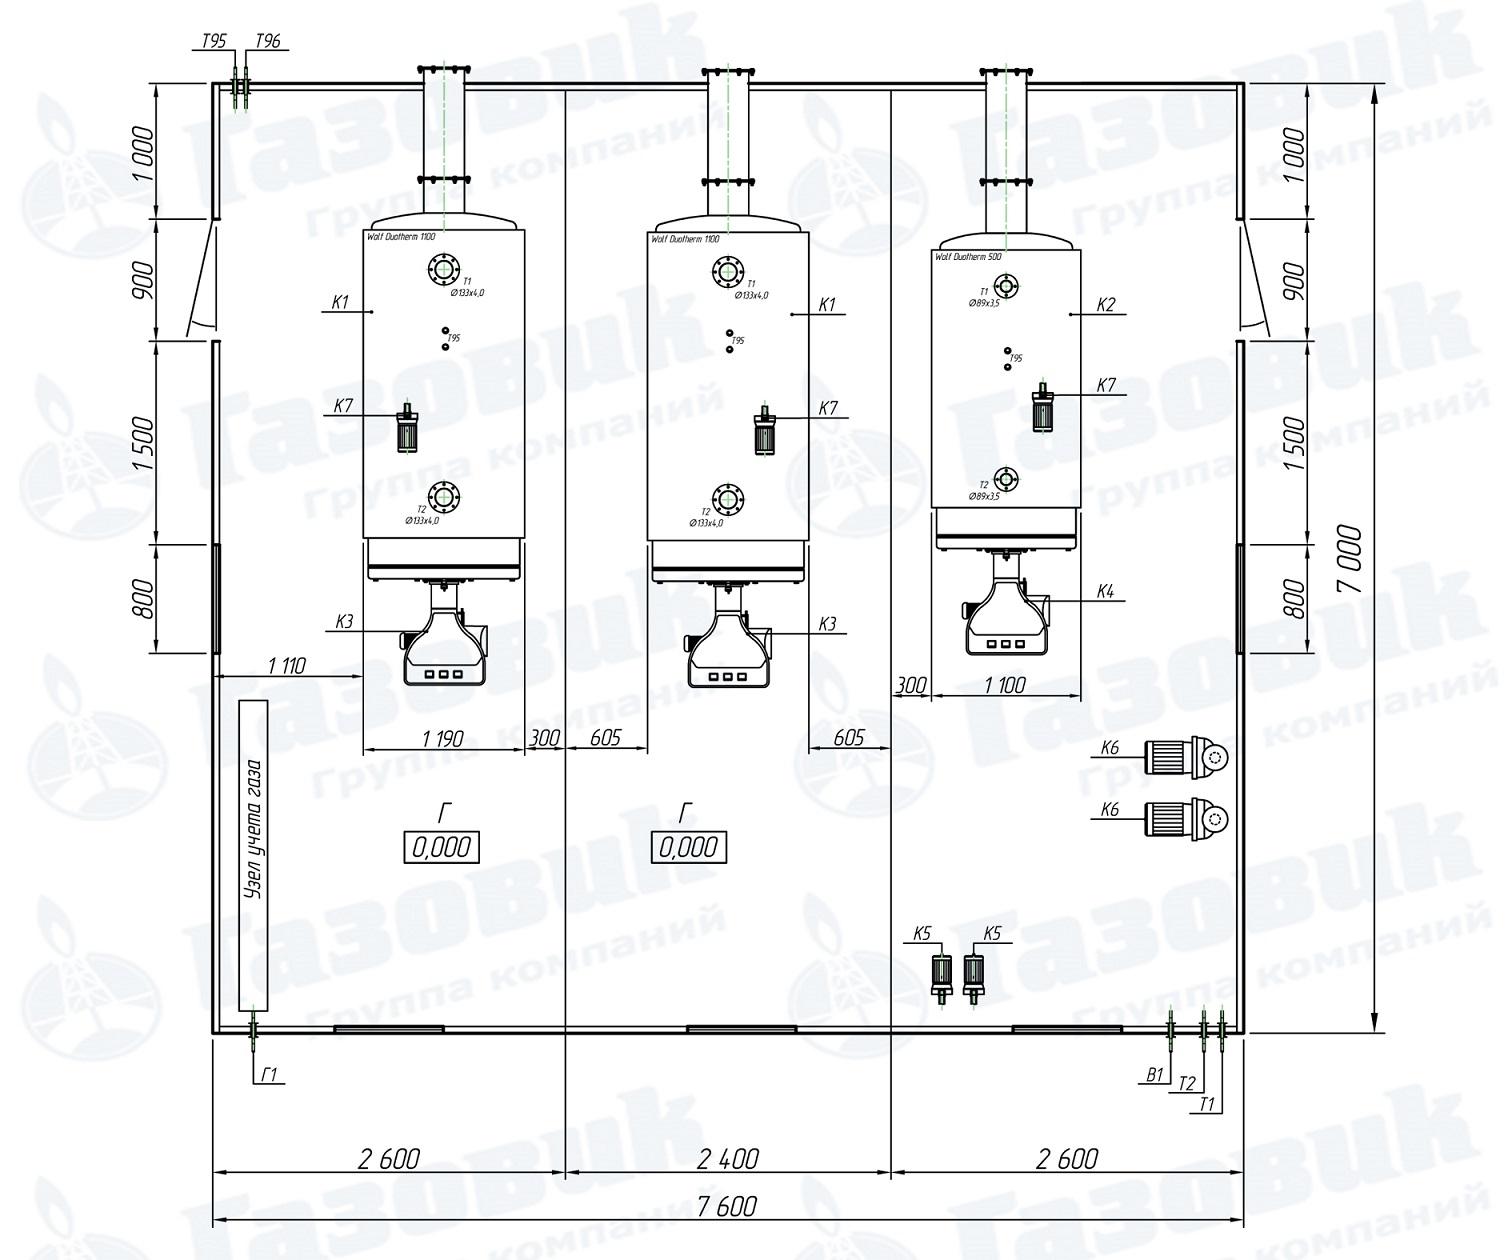 Транспортабельная котельная установка мощностью 2500 кВт